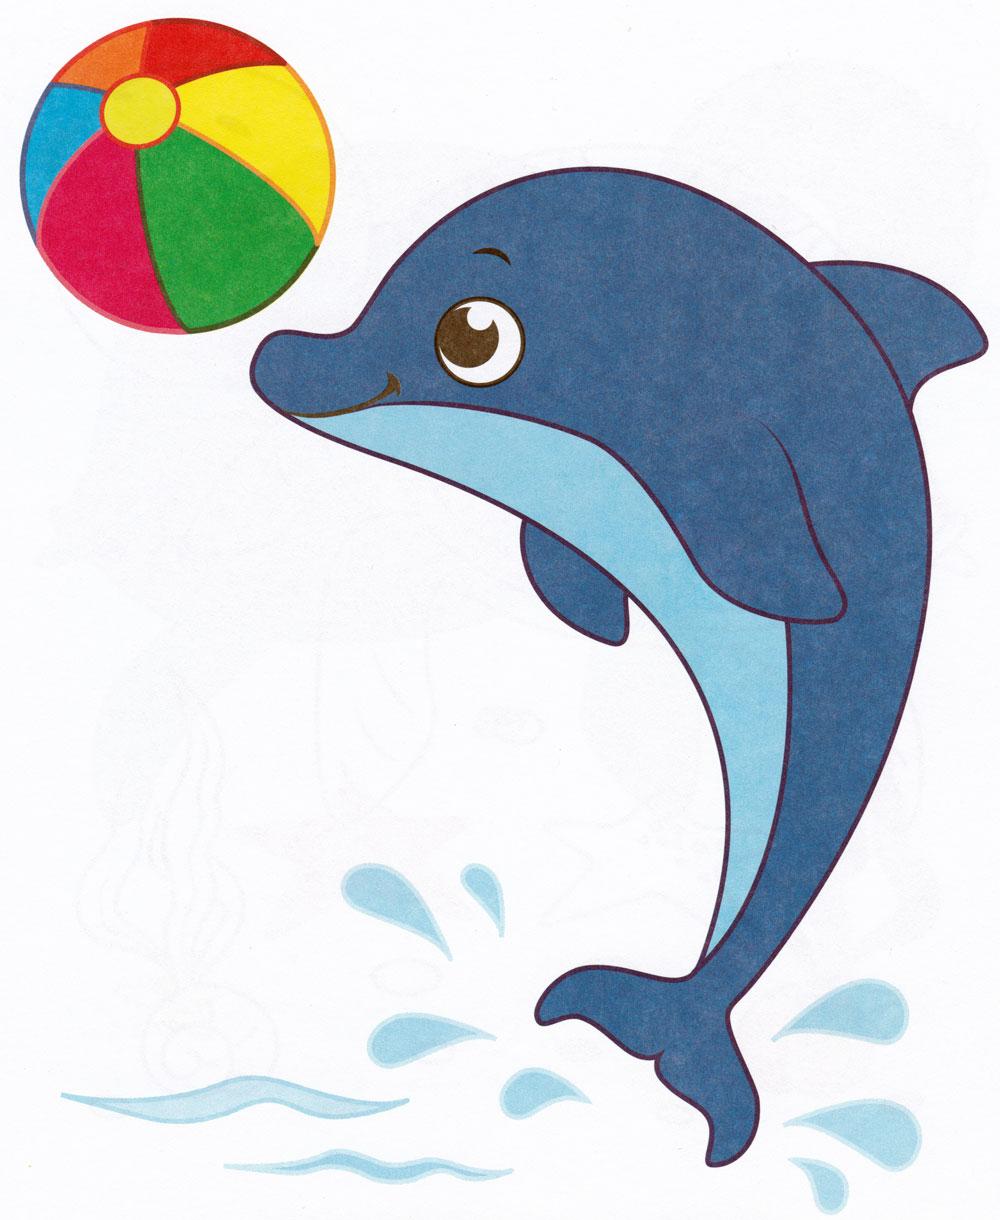 Раскраска Дельфин с мячиком - распечатать бесплатно